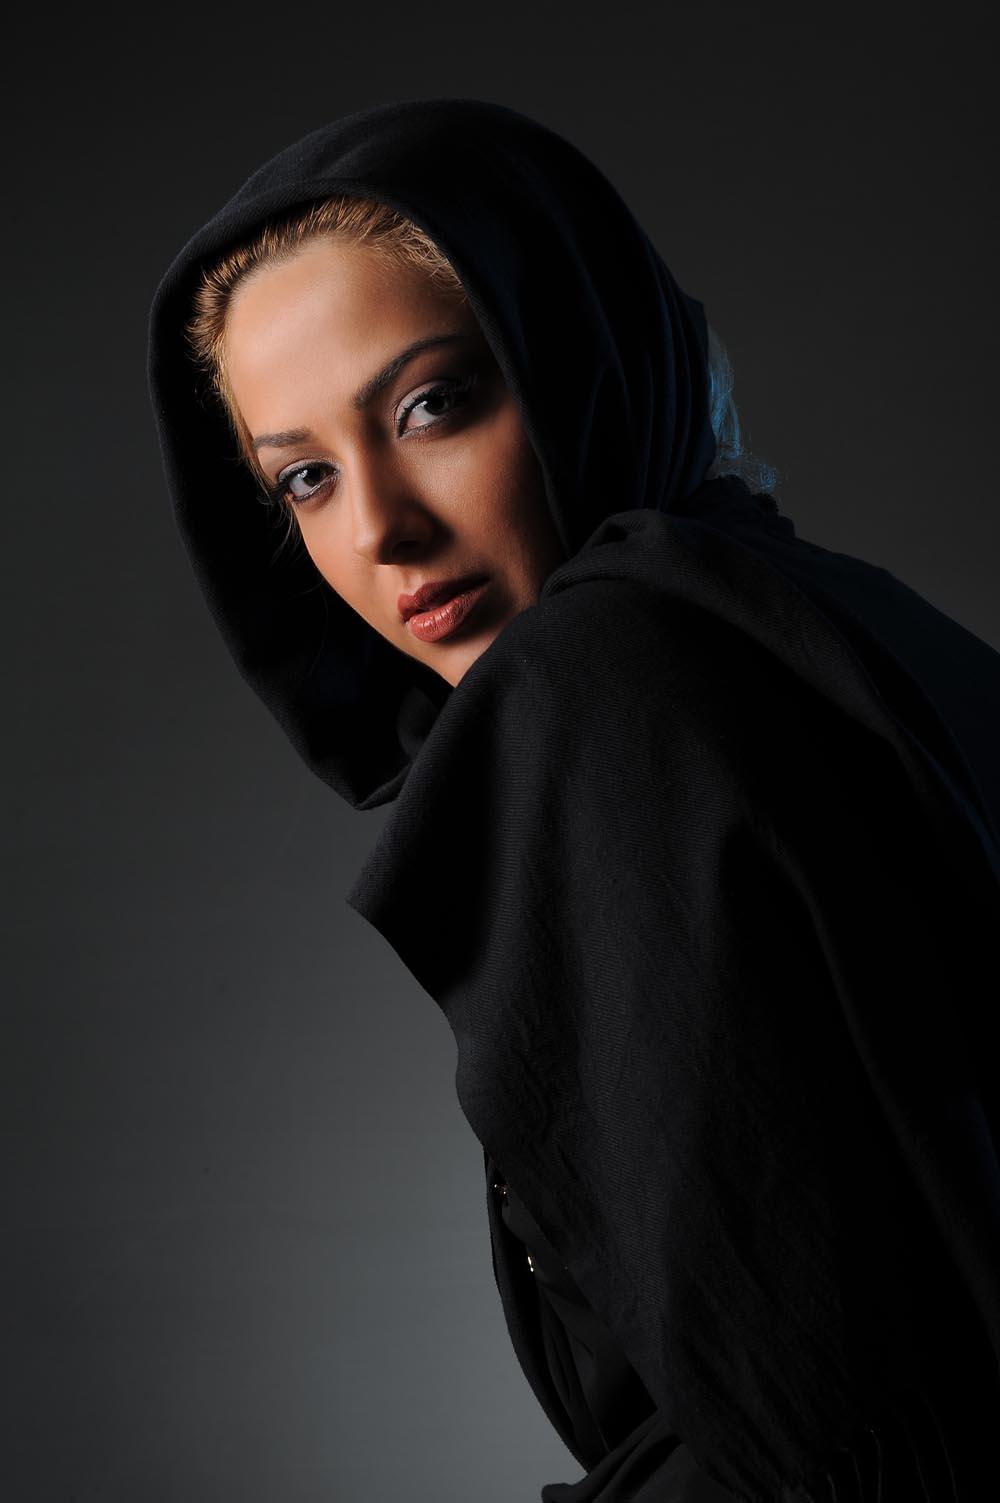 http://s4.picofile.com/file/7751219672/imagesalbum_blogsky_com_5_.jpg